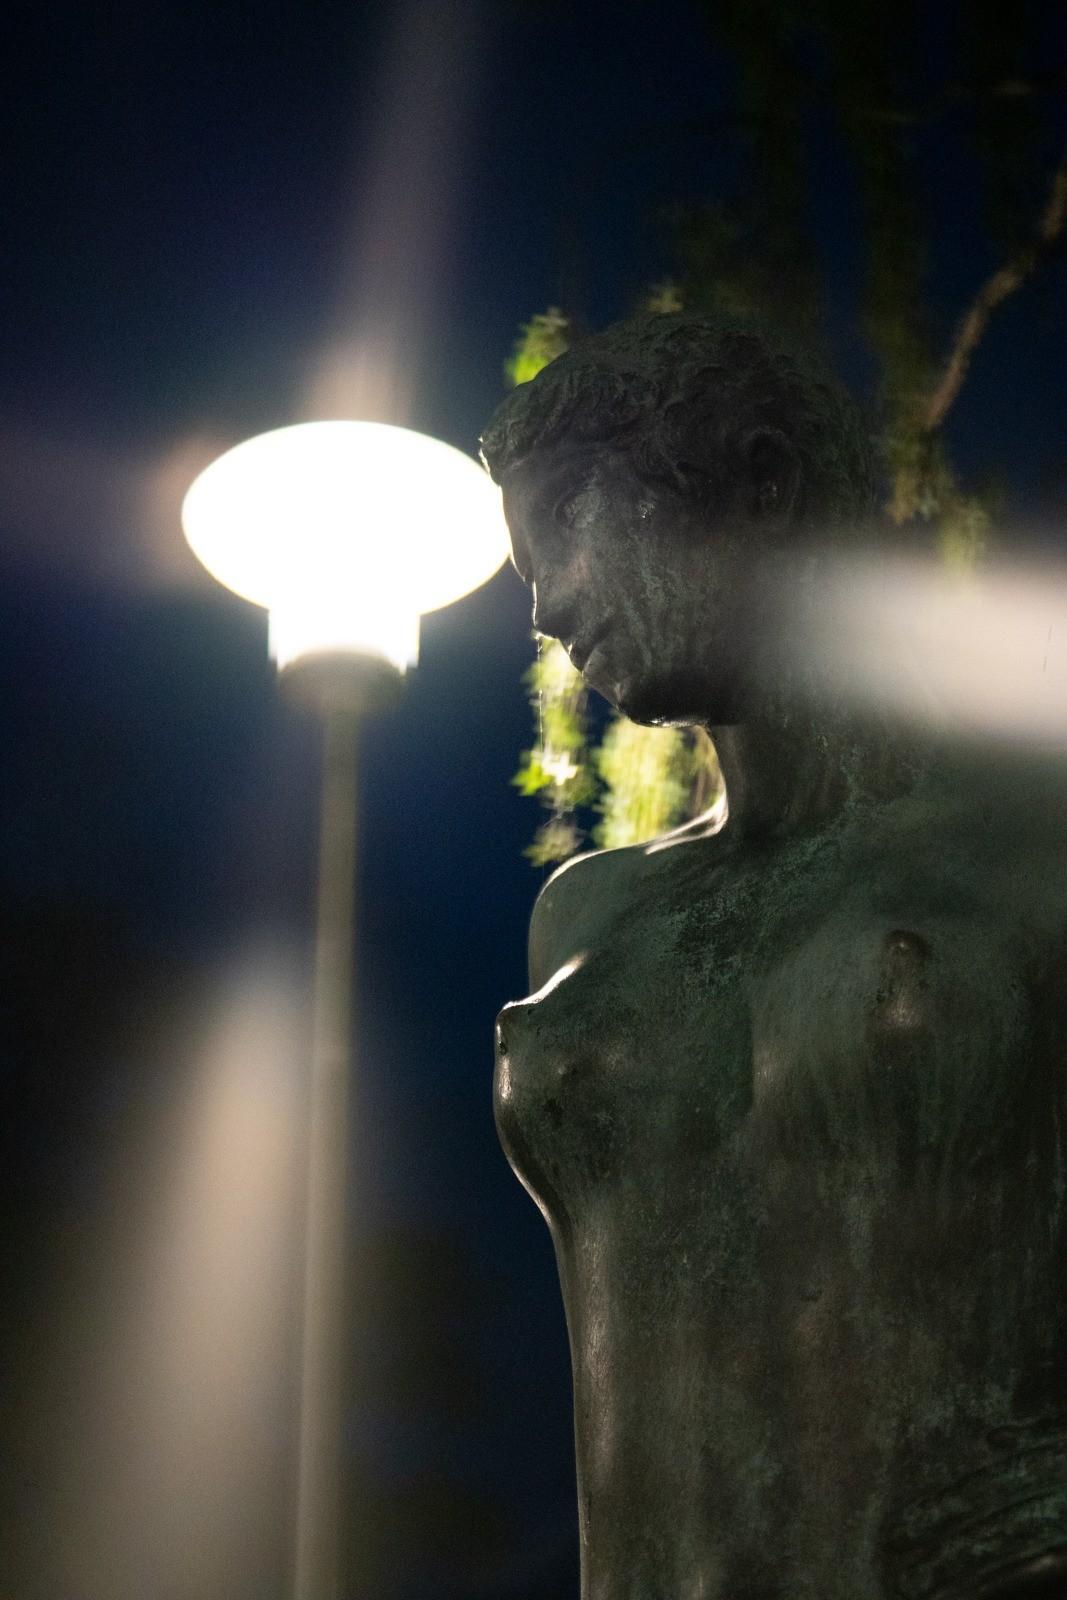 Statue ved Nykøbing Falsters sportsanlæg - taget med Lomography Neptune objektiv